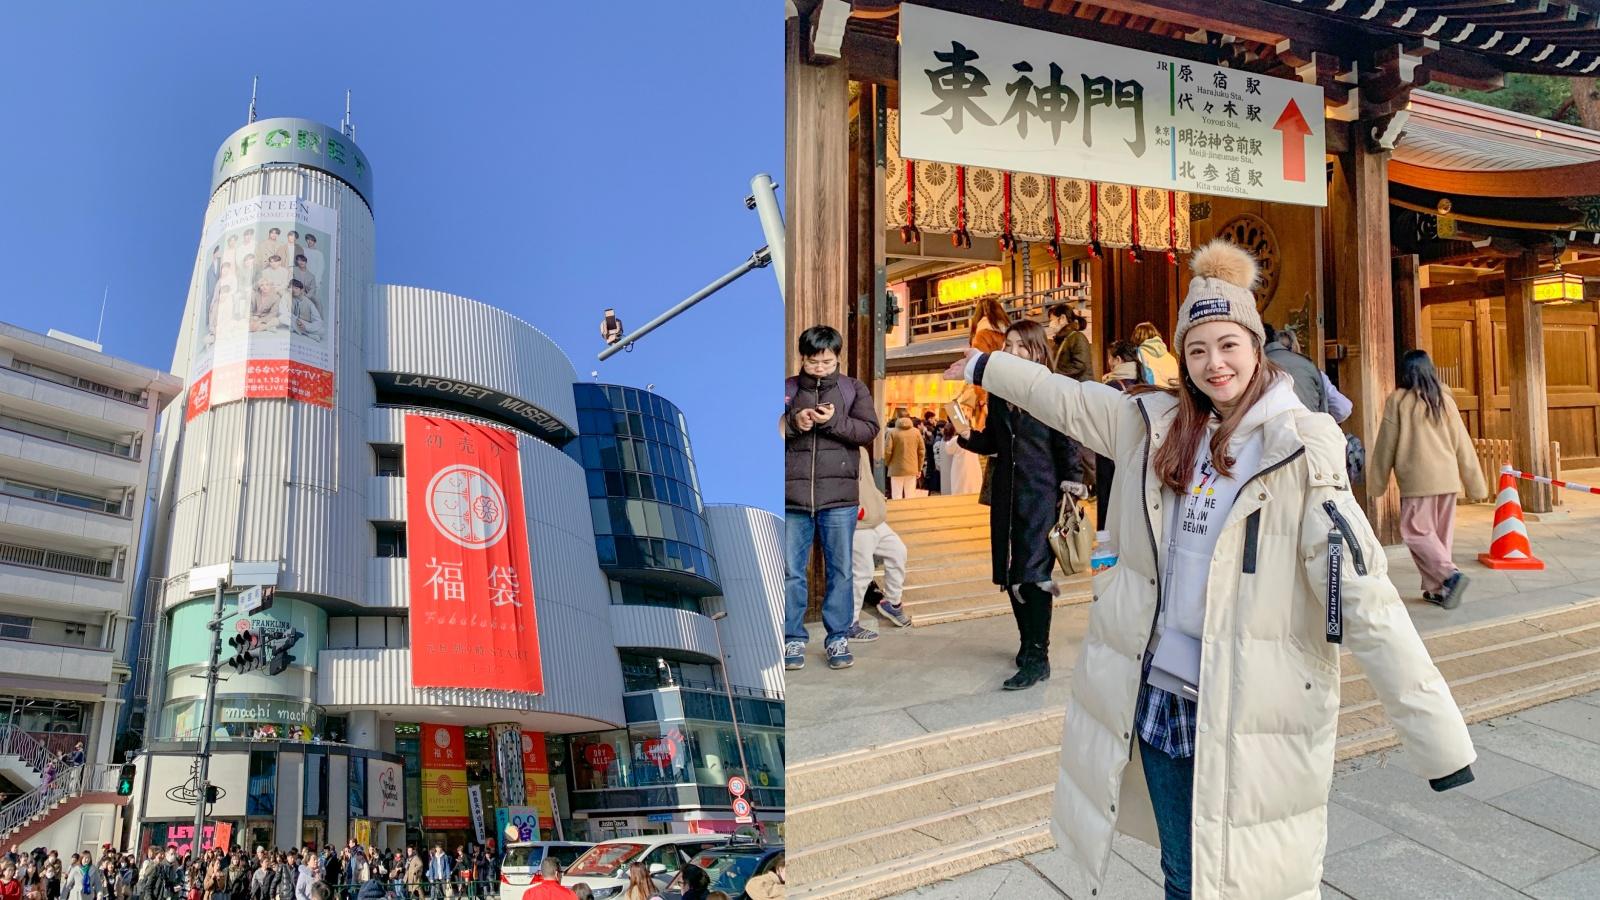 即時熱門文章:☆【2020。東京】日本的元旦:初詣、抽福袋、折扣季買買買!明治神宮+原宿逛街地圖